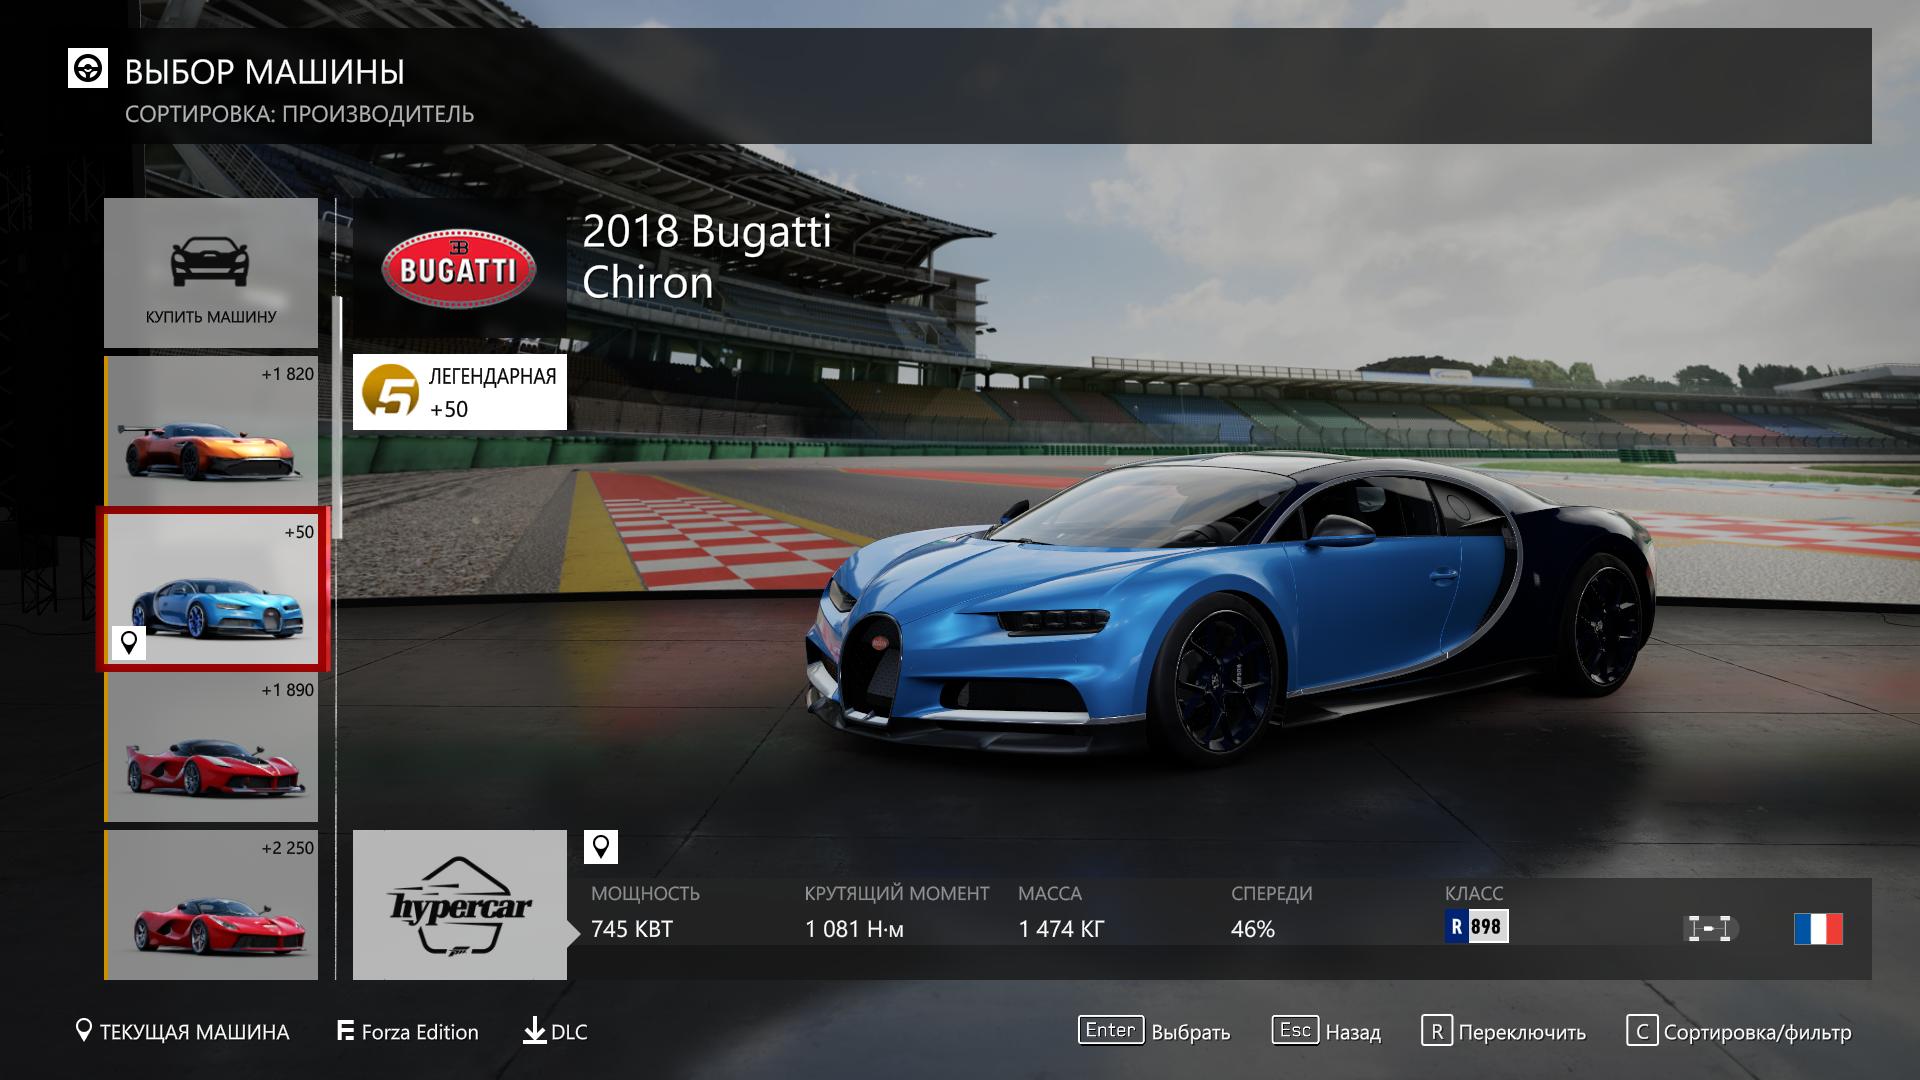 Мои гиперкары - Forza Motorsport 7